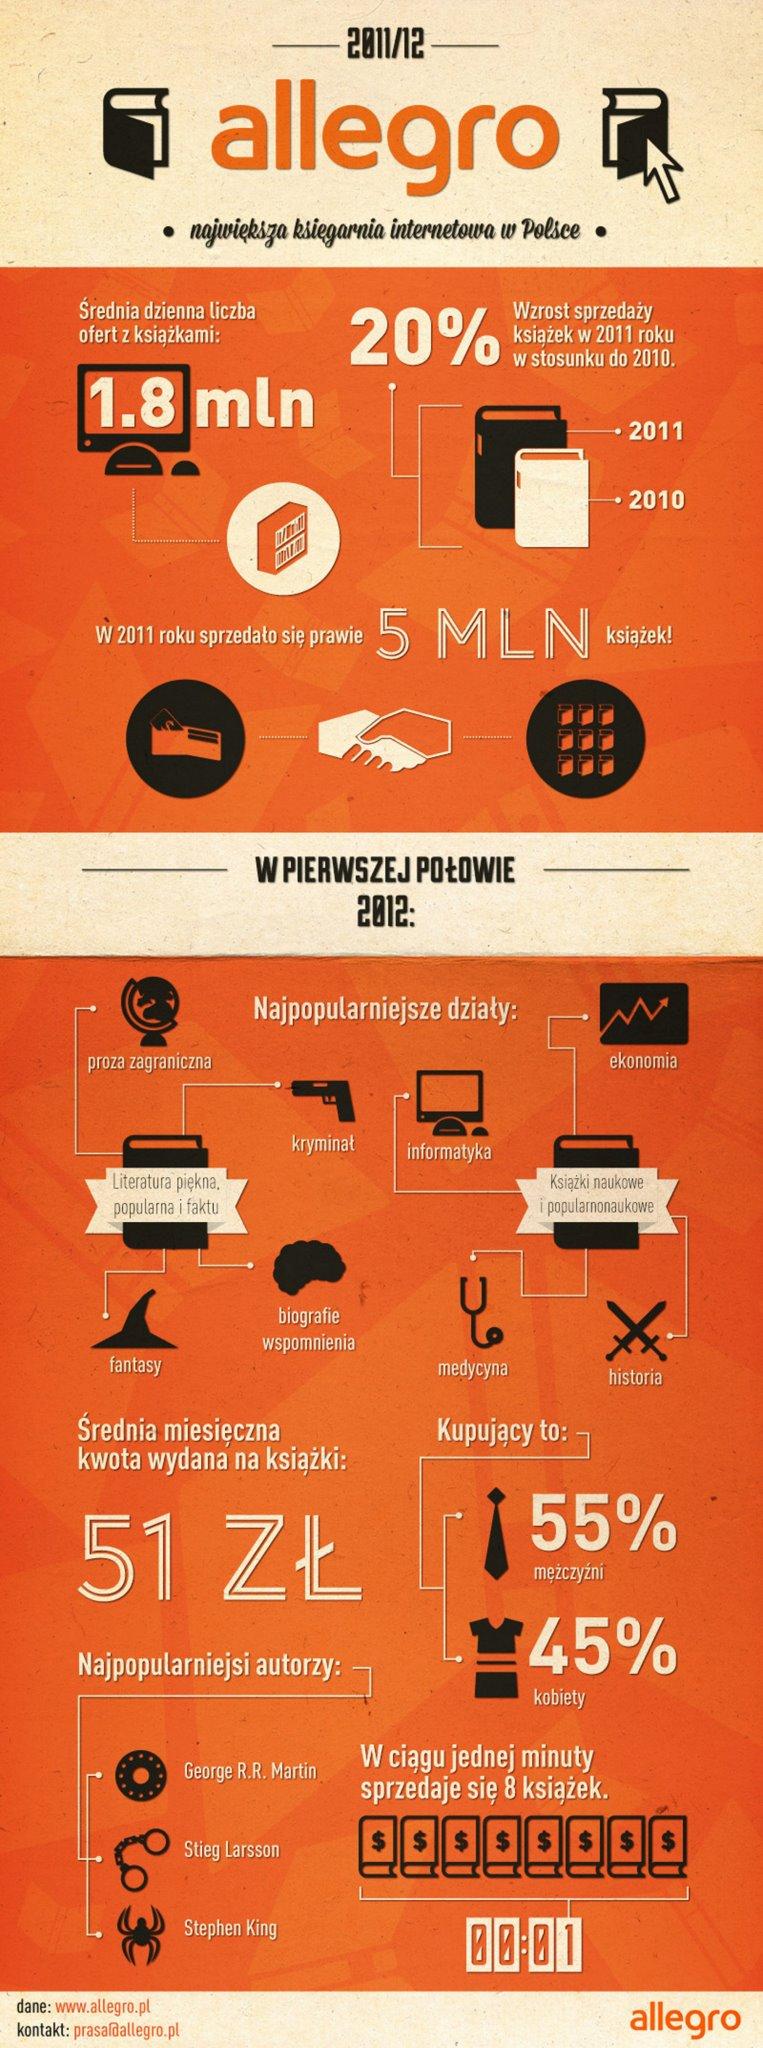 Zakup książek na Allegro 2011/2012